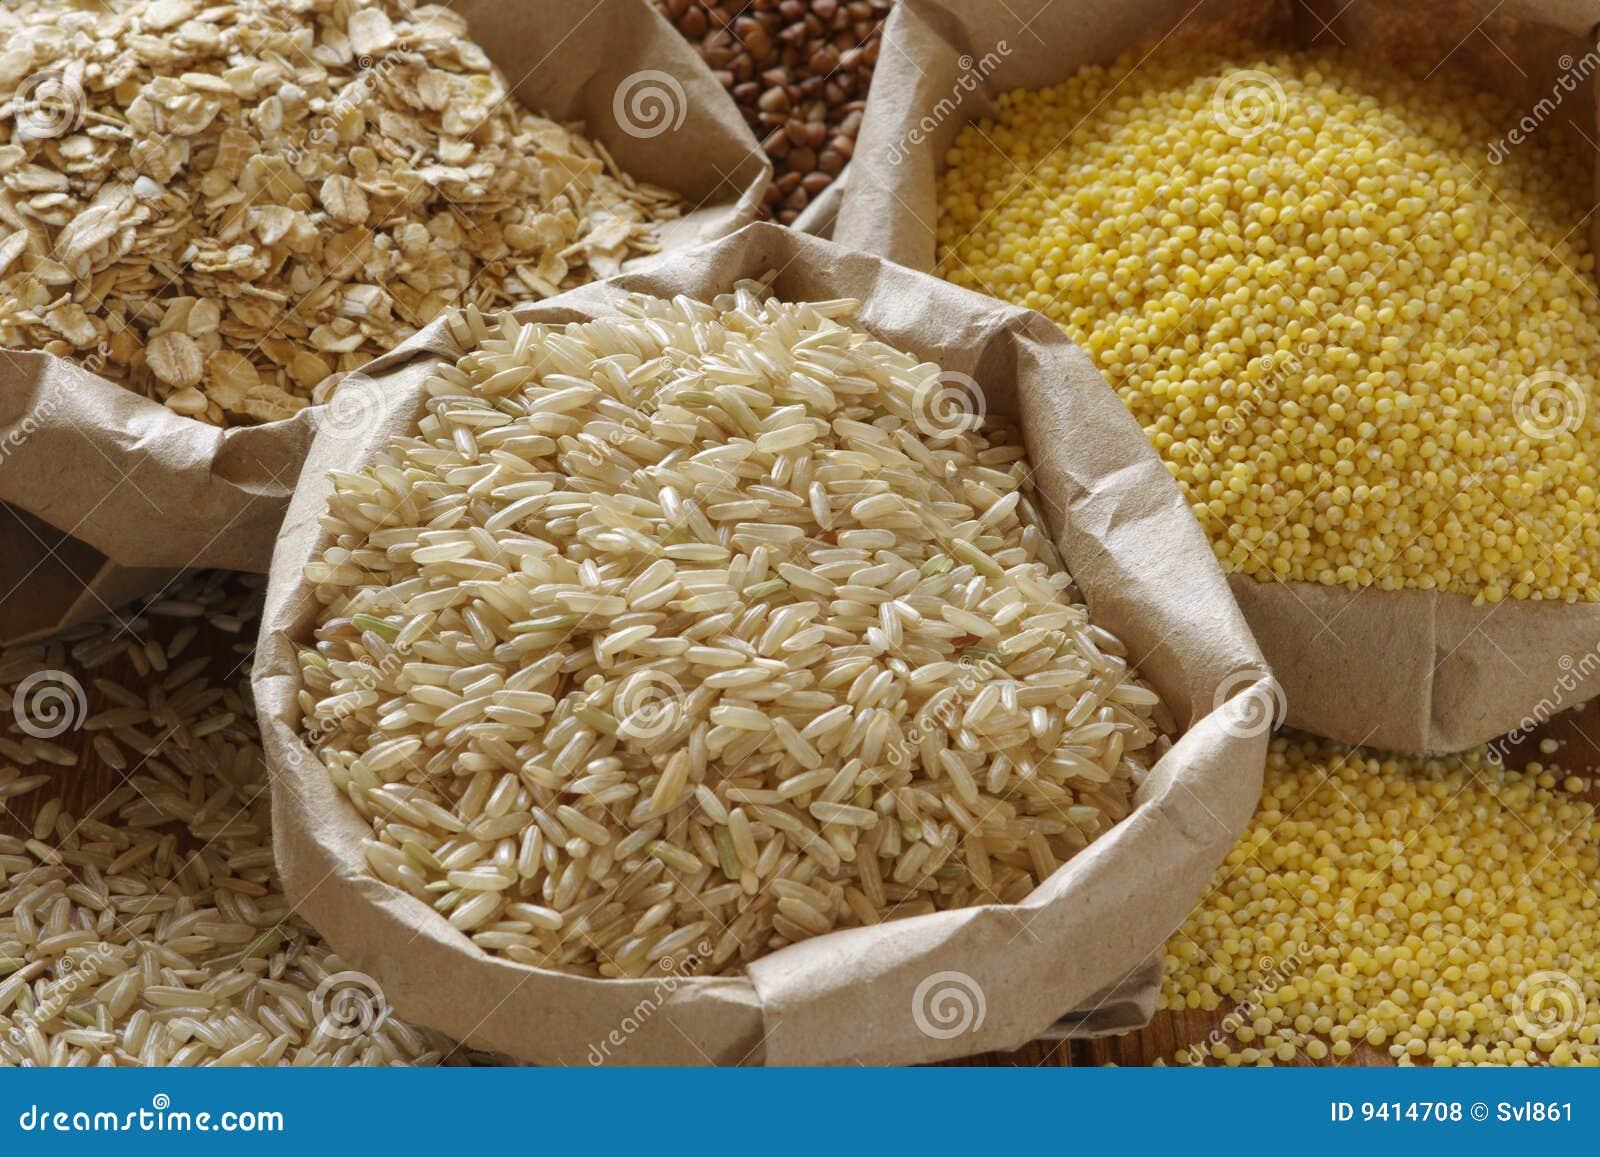 Différentes céréales dans les sacs